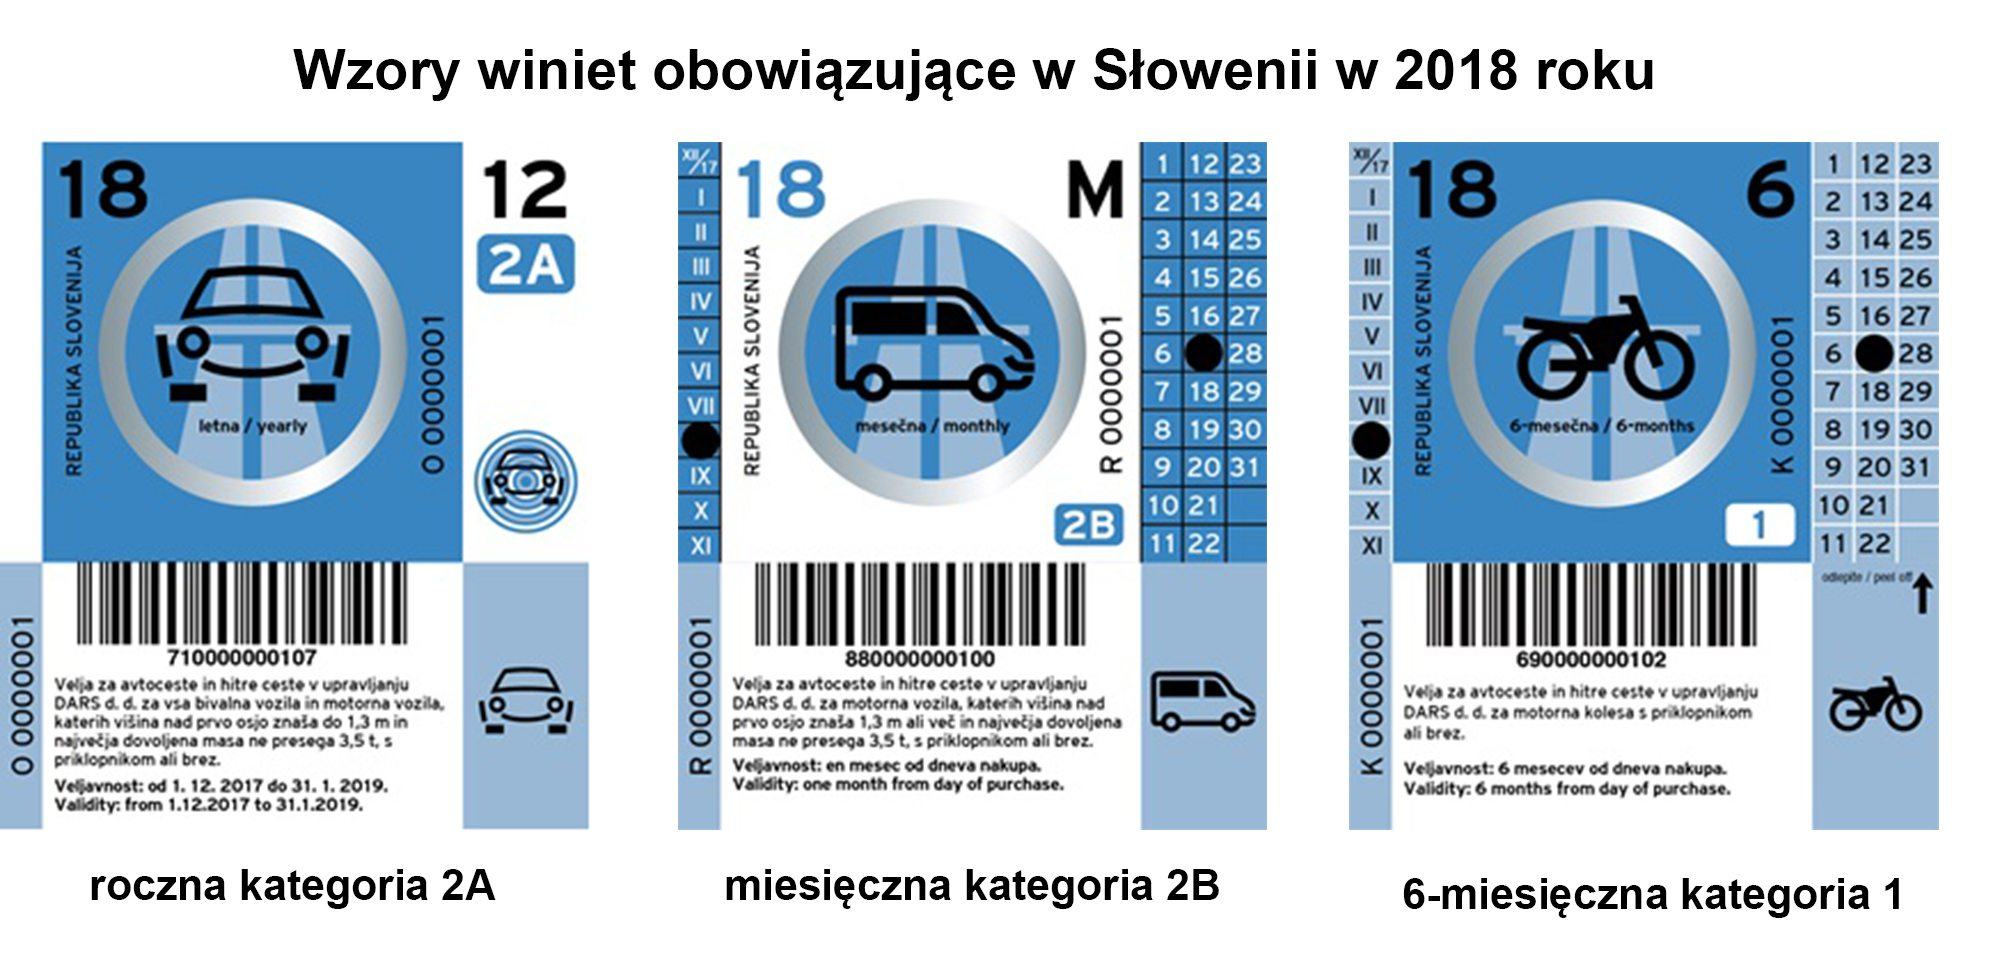 wzory winiet słowenia 2018